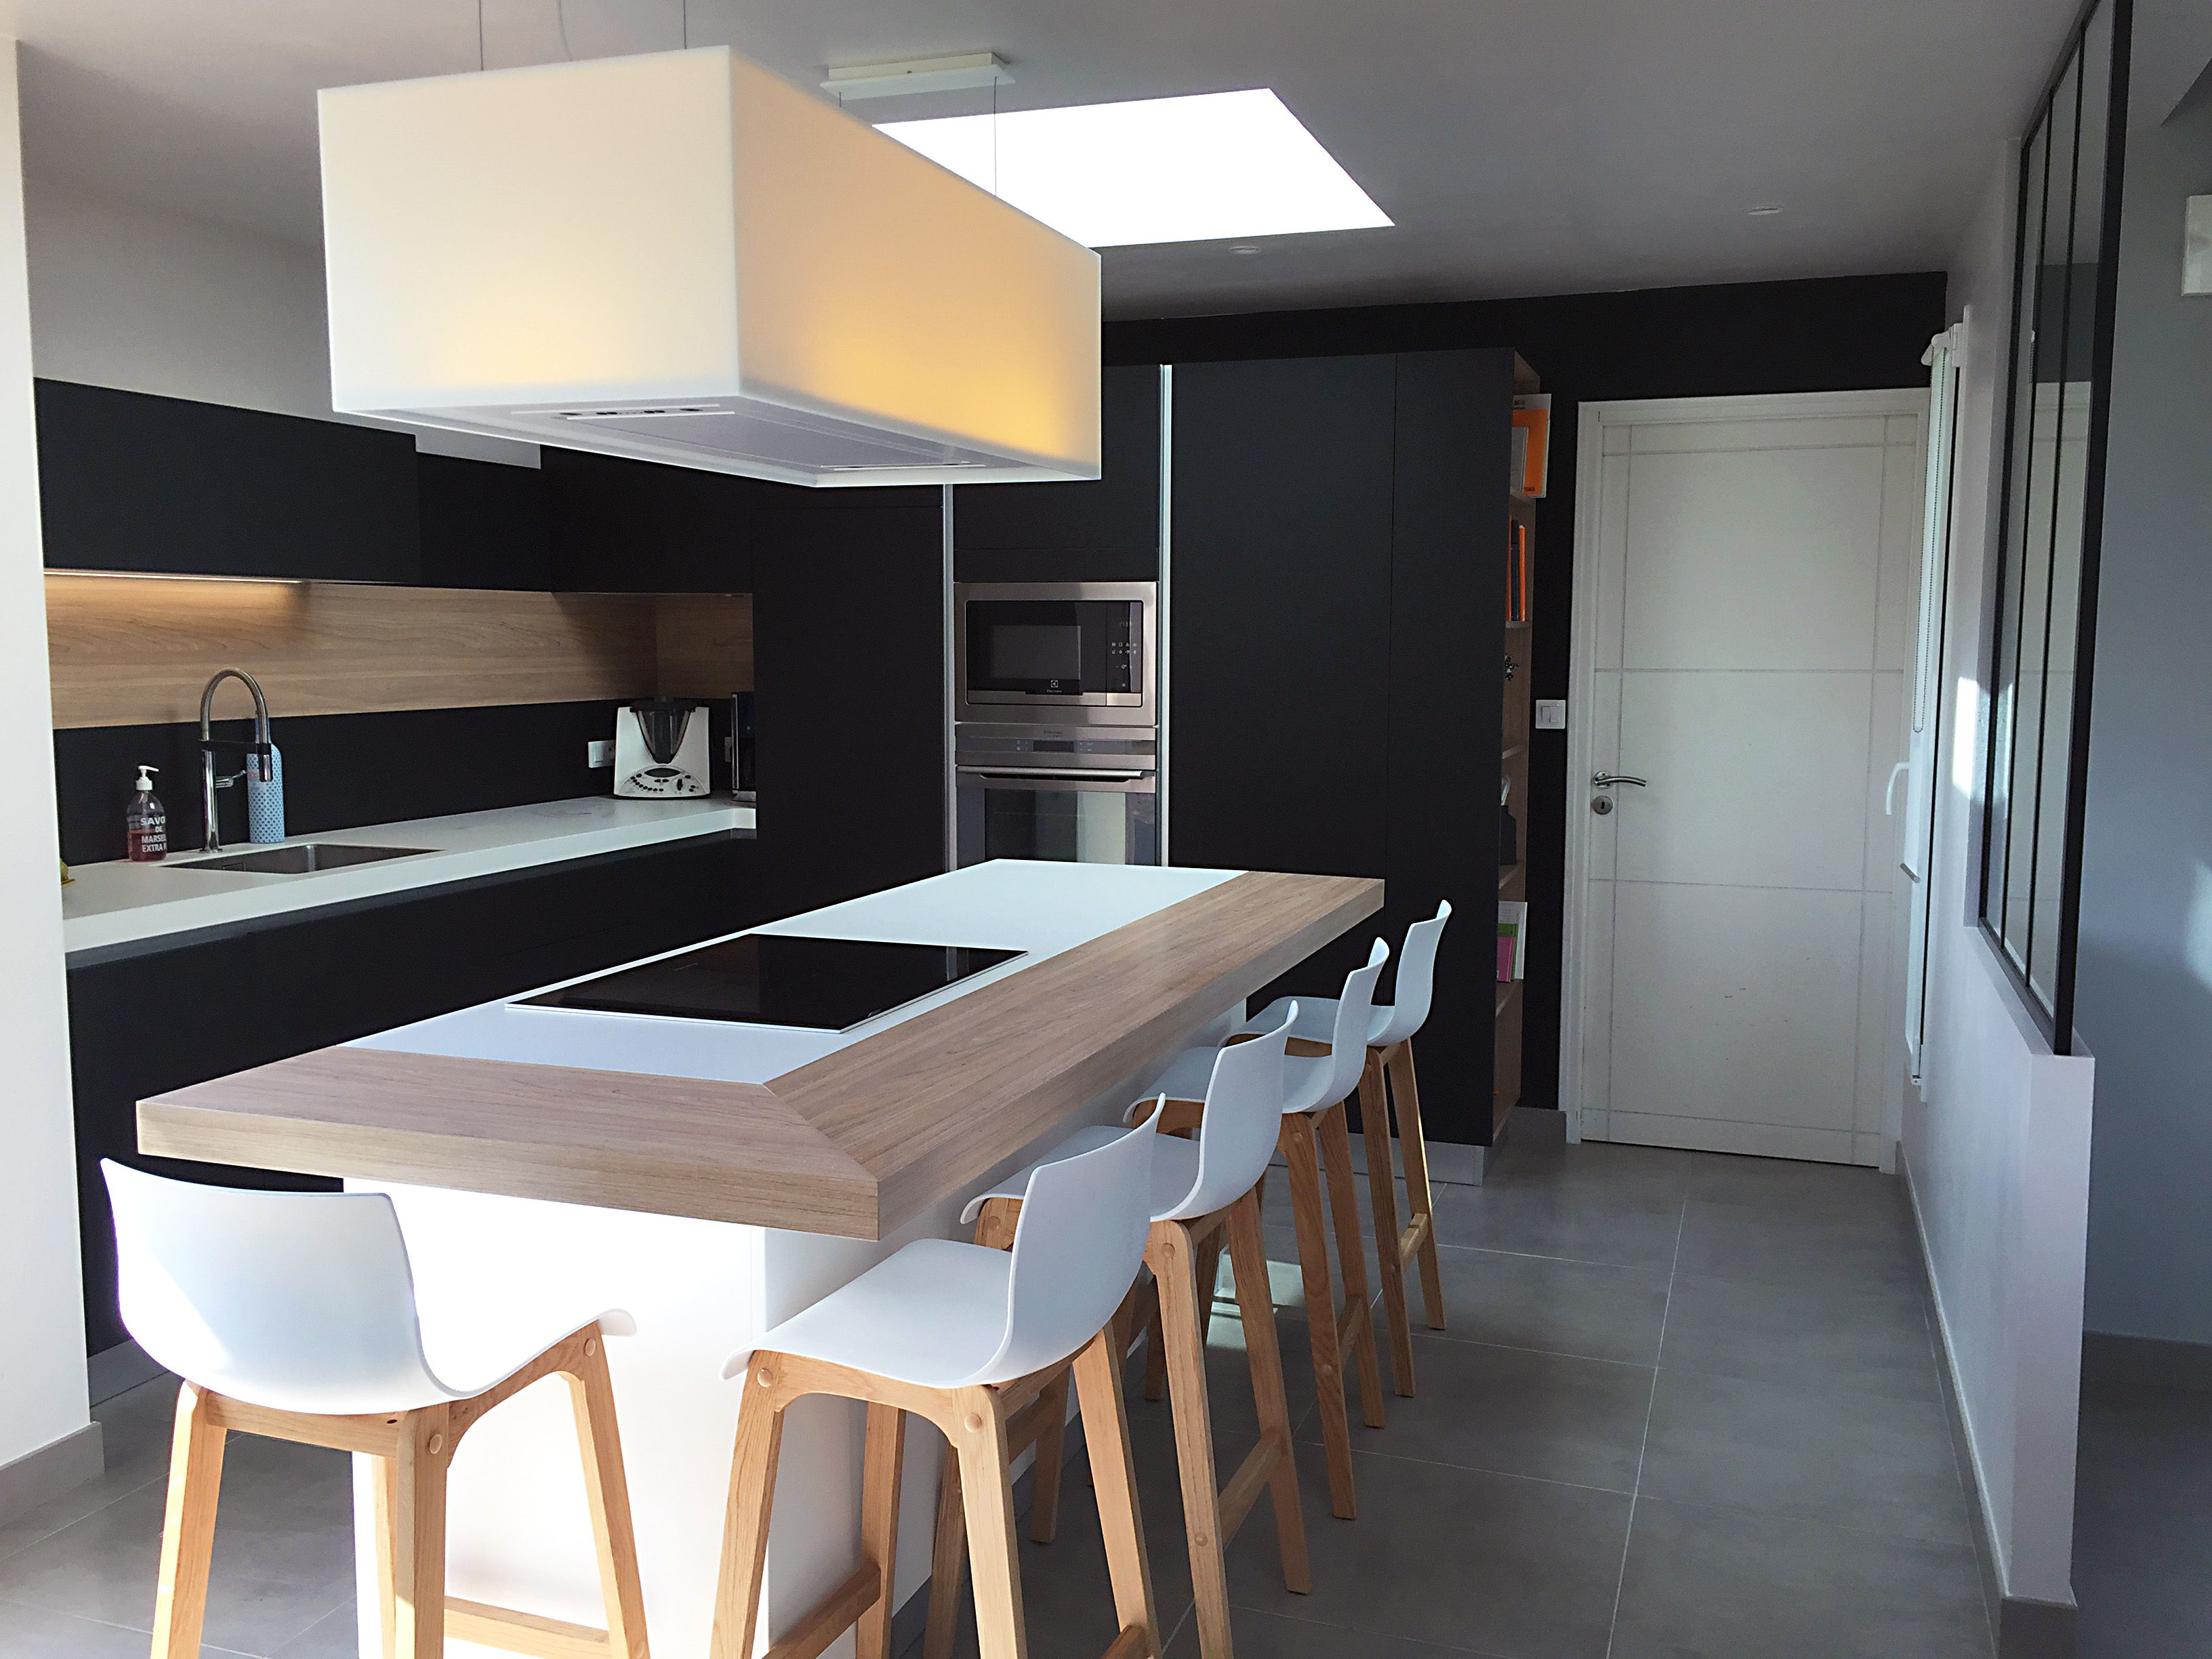 Ilot central ceramique entour d 39 un plan en bois vintage tous les meubles sont en fenix noir - Ilot central noir ...